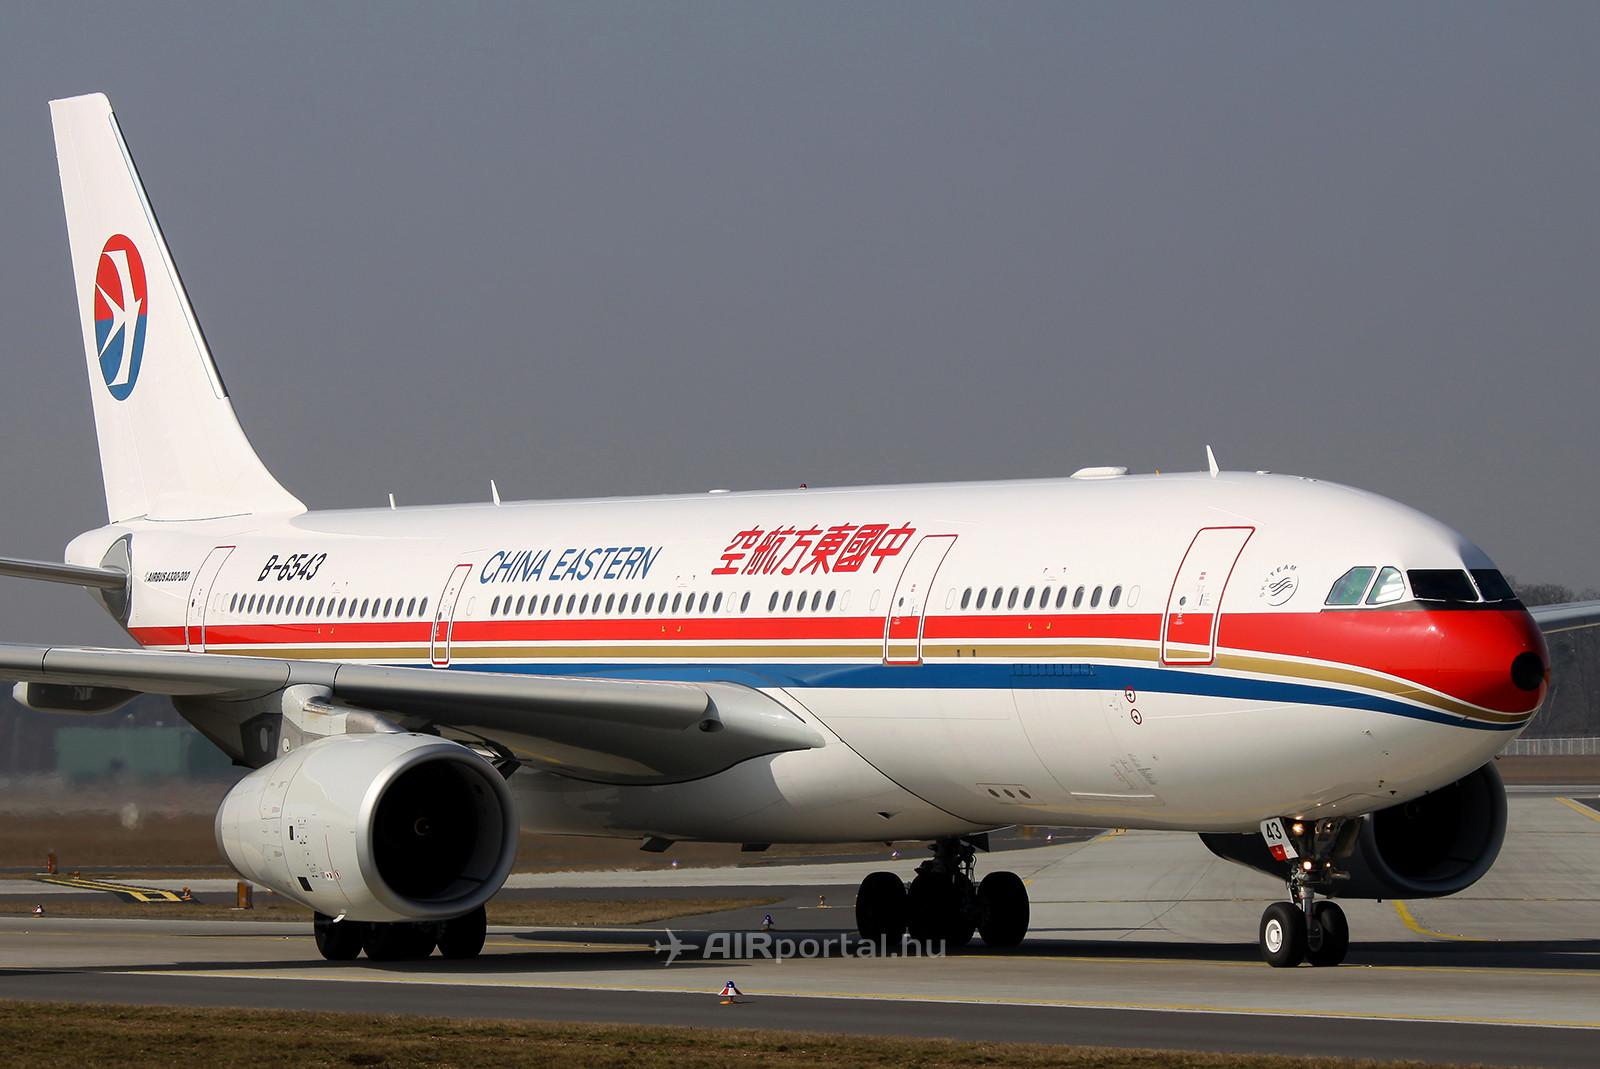 A China Eastern Airbus A330-as repülőgépe, a légitársaság immár klasszikusnak mondható festésében. Az új festés sajnos kevésbé látványosnak ígérkezik. (Fotó: AIRportal.hu) | © AIRportal.hu